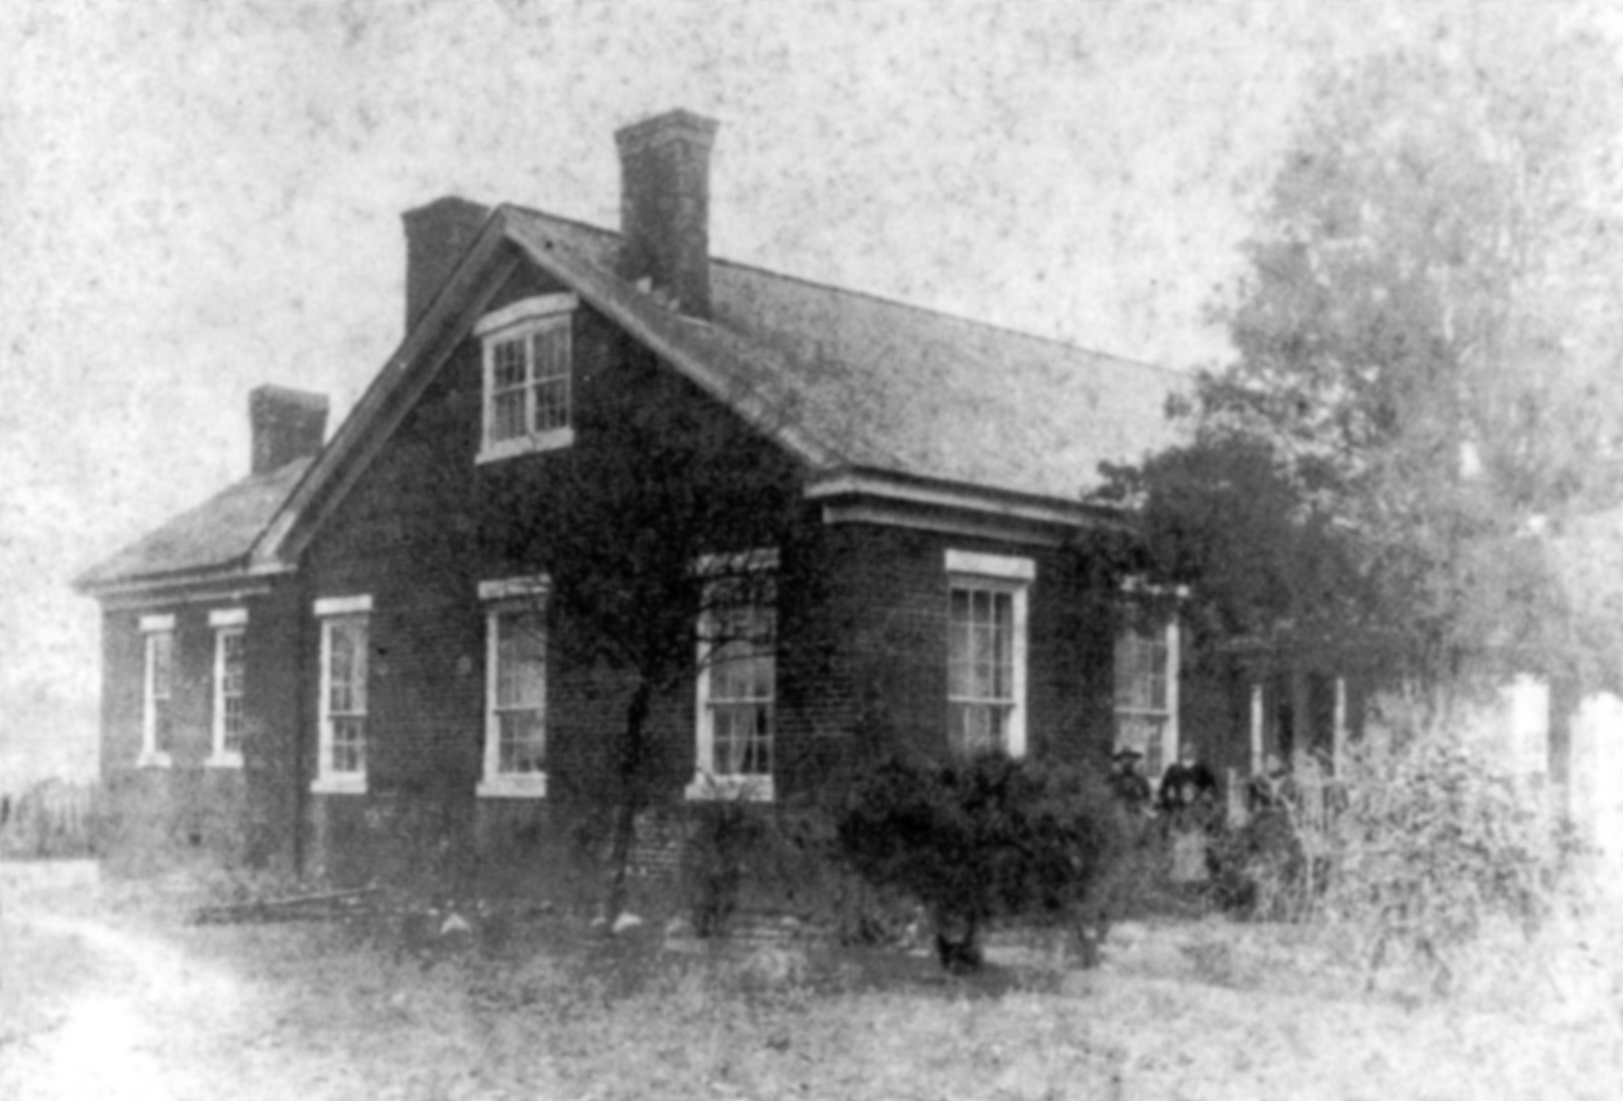 Hockenhull Home Barrettsville Ga Circa 1850